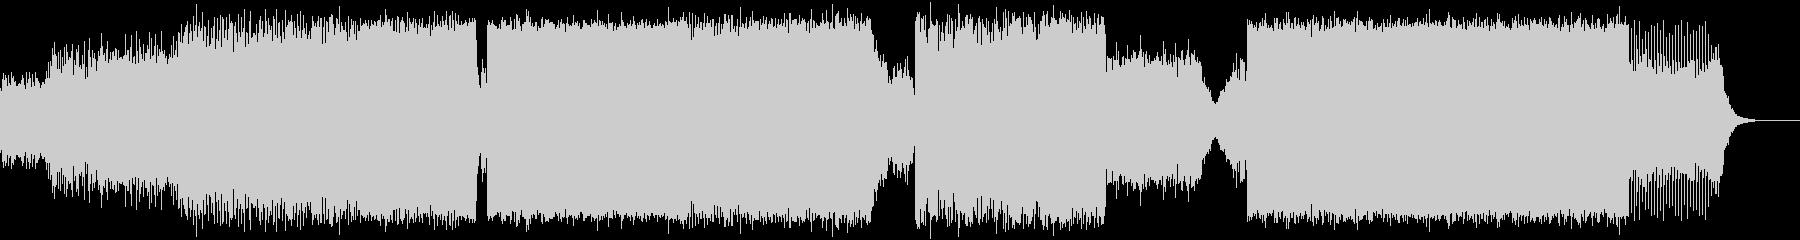 オーケストラ×エレクトロ OP等の未再生の波形